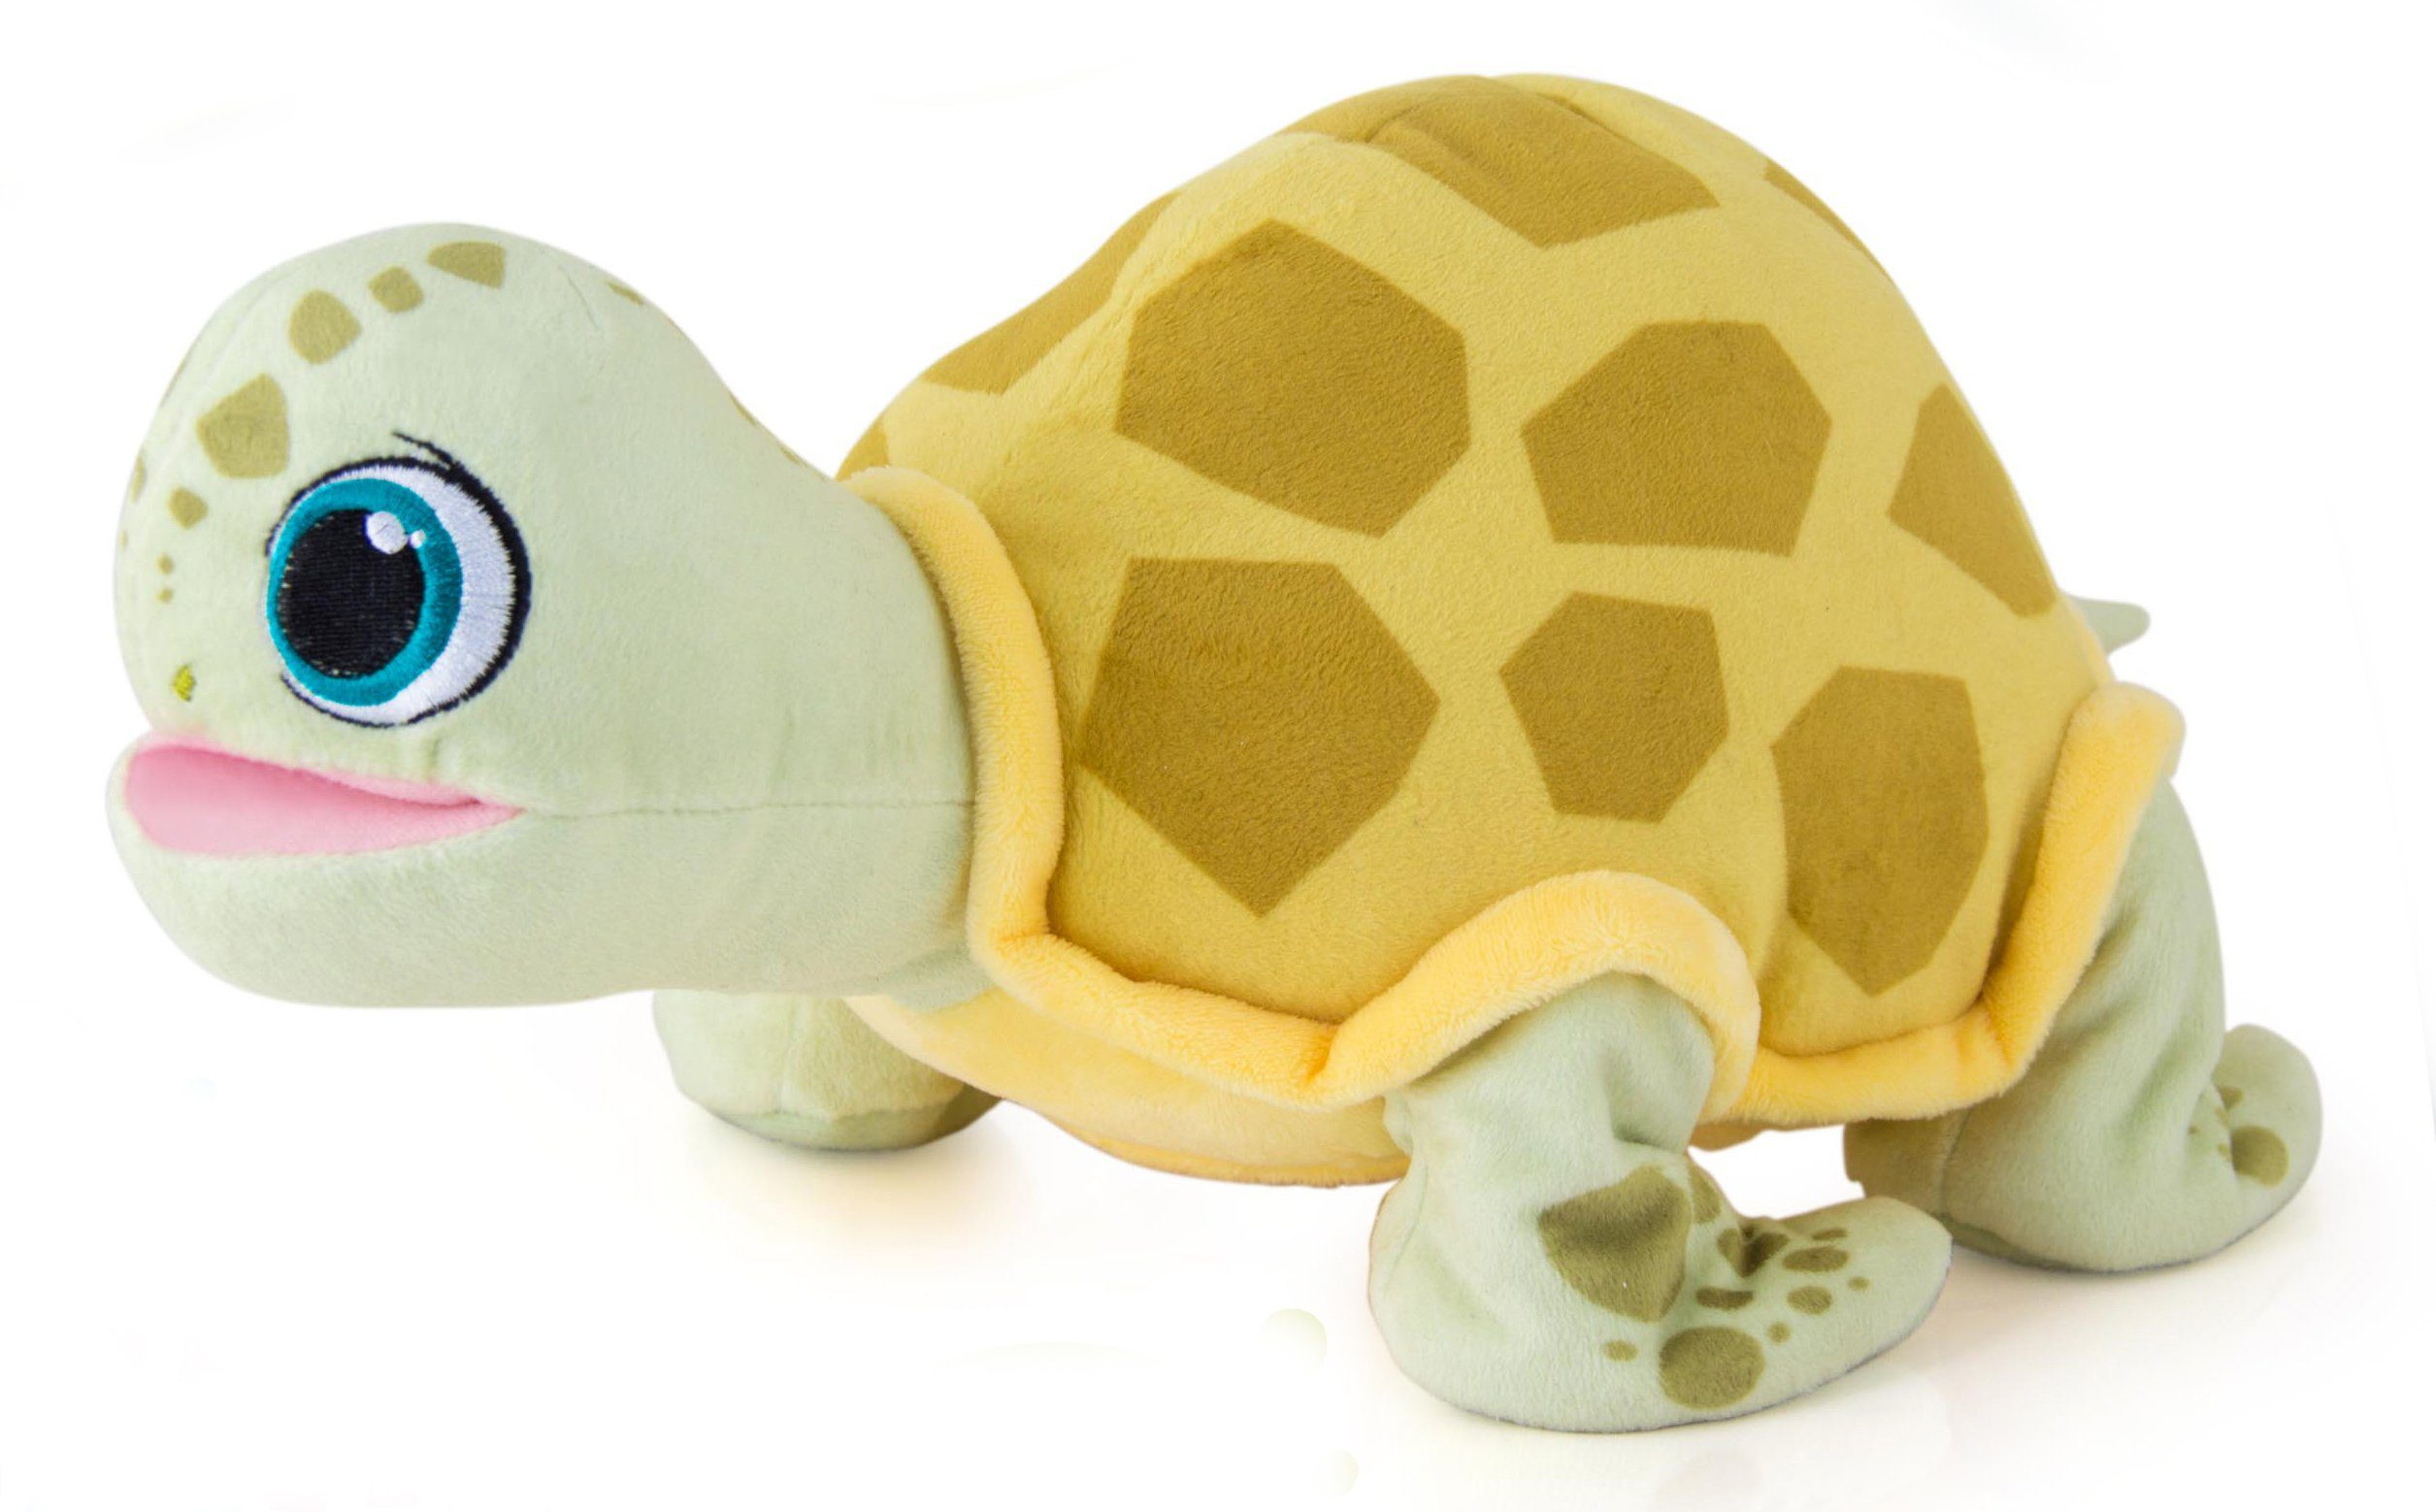 IMC Toys Laufendes Kuscheltier mit Sound, »Club Petz Martina die kleine Schildkröte«